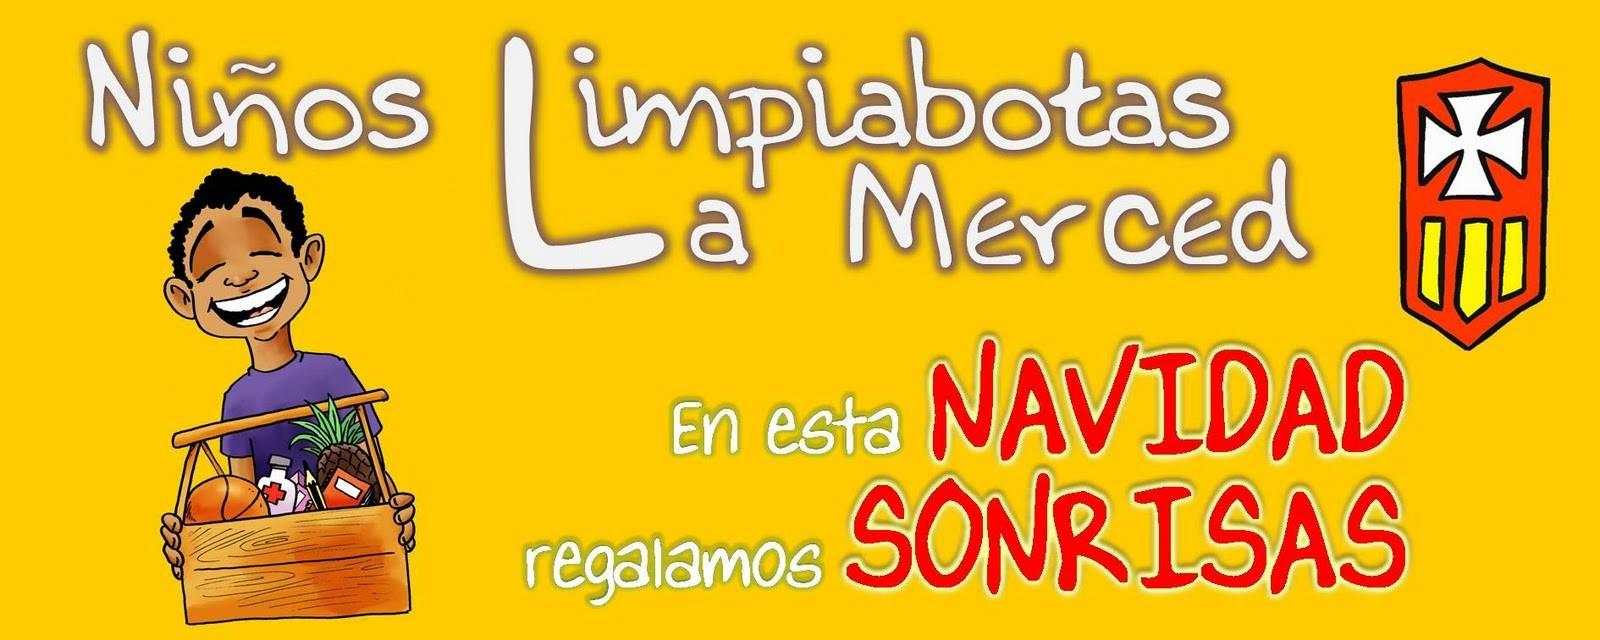 Cartel Navidad FNL - Chocolatada de solidaridad e ilusión en la noche de Reyes de Herencia